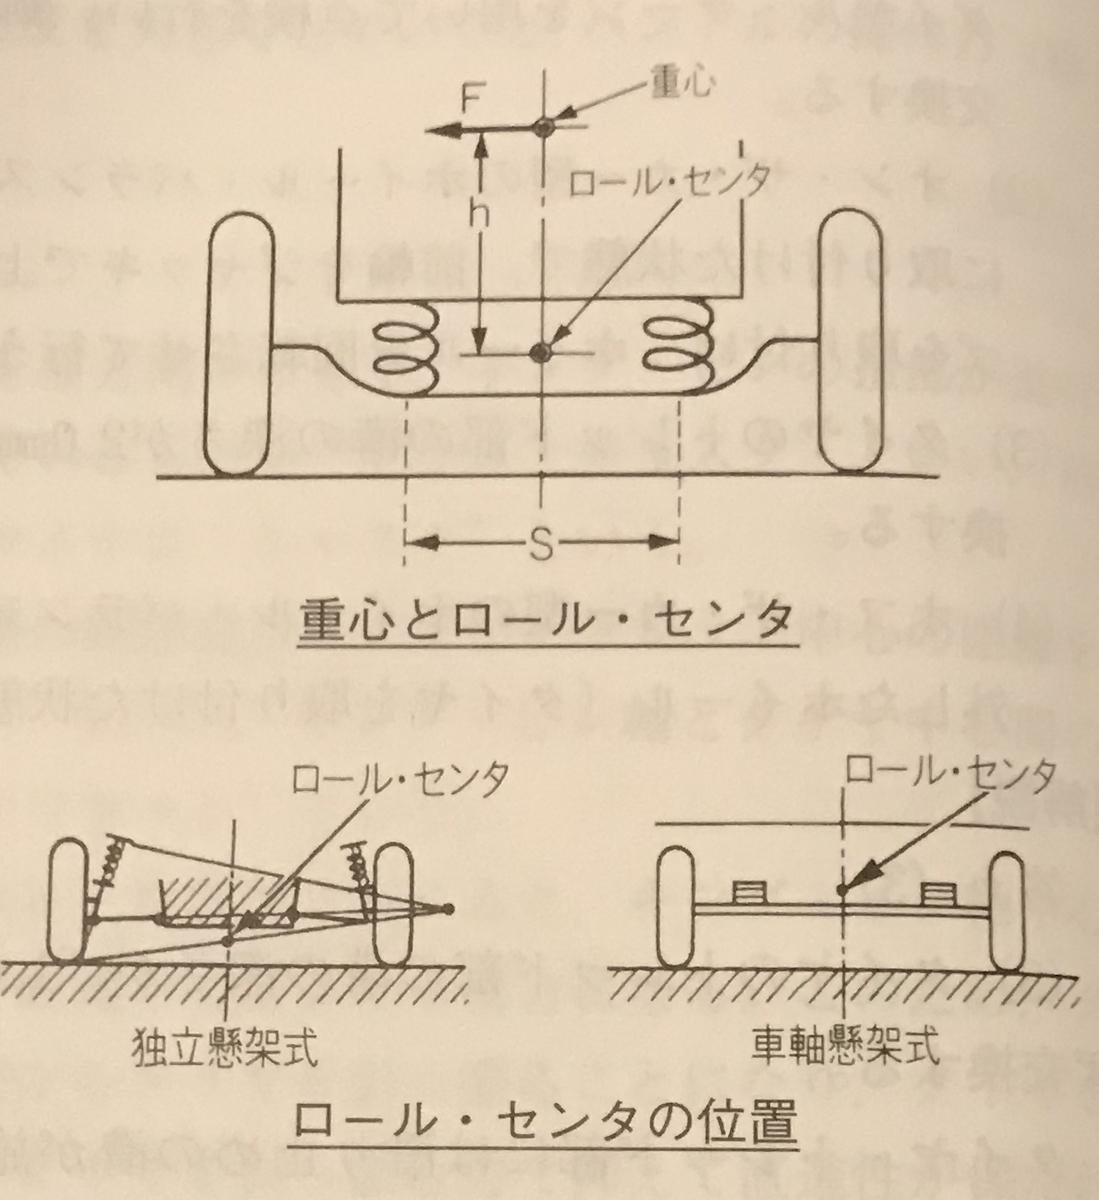 ローリング 自動車